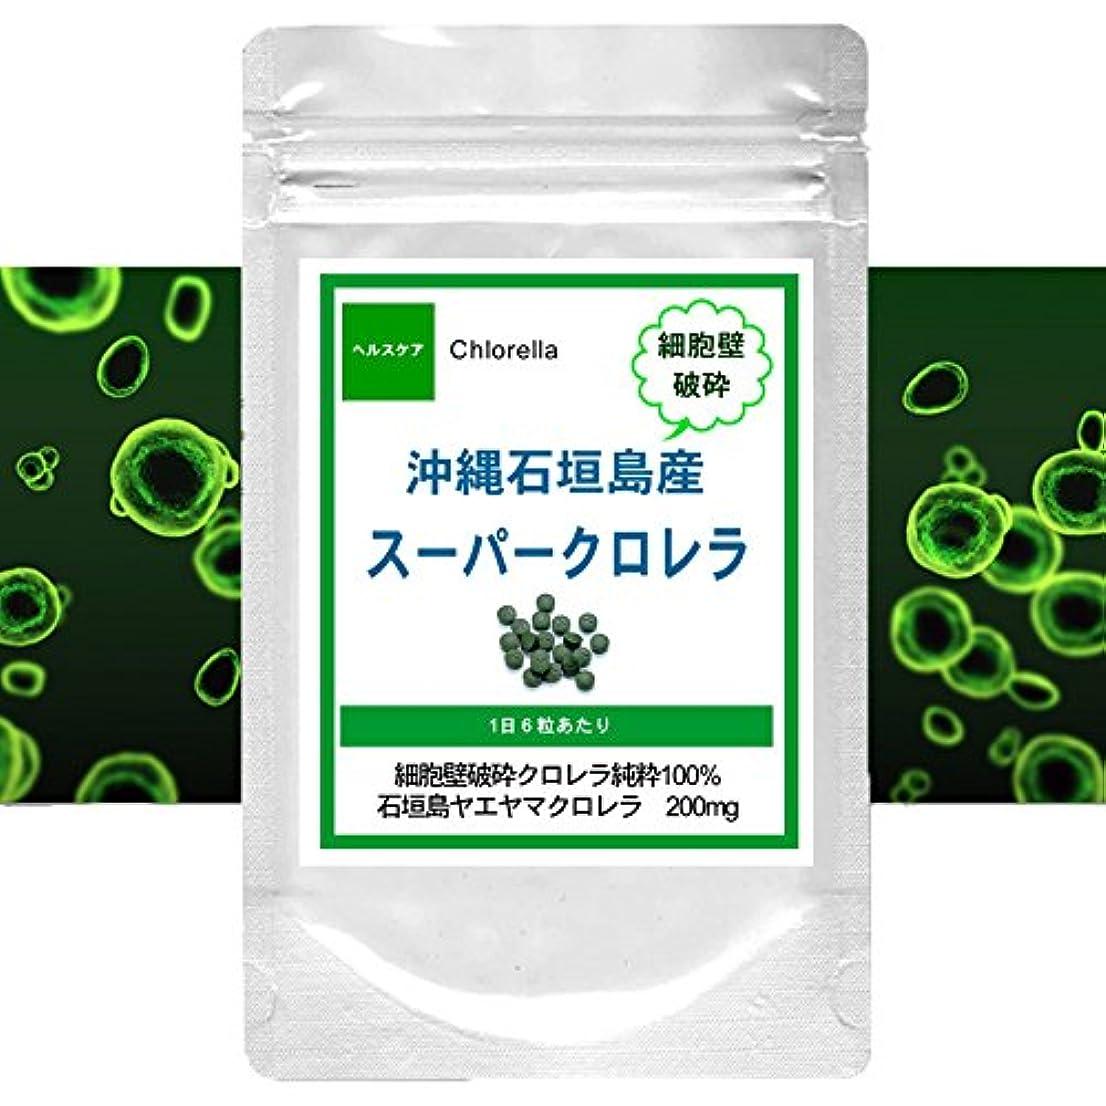 成功壁紙溶かす沖縄石垣島産スーパークロレラ3ヶ月分(540粒×1袋)